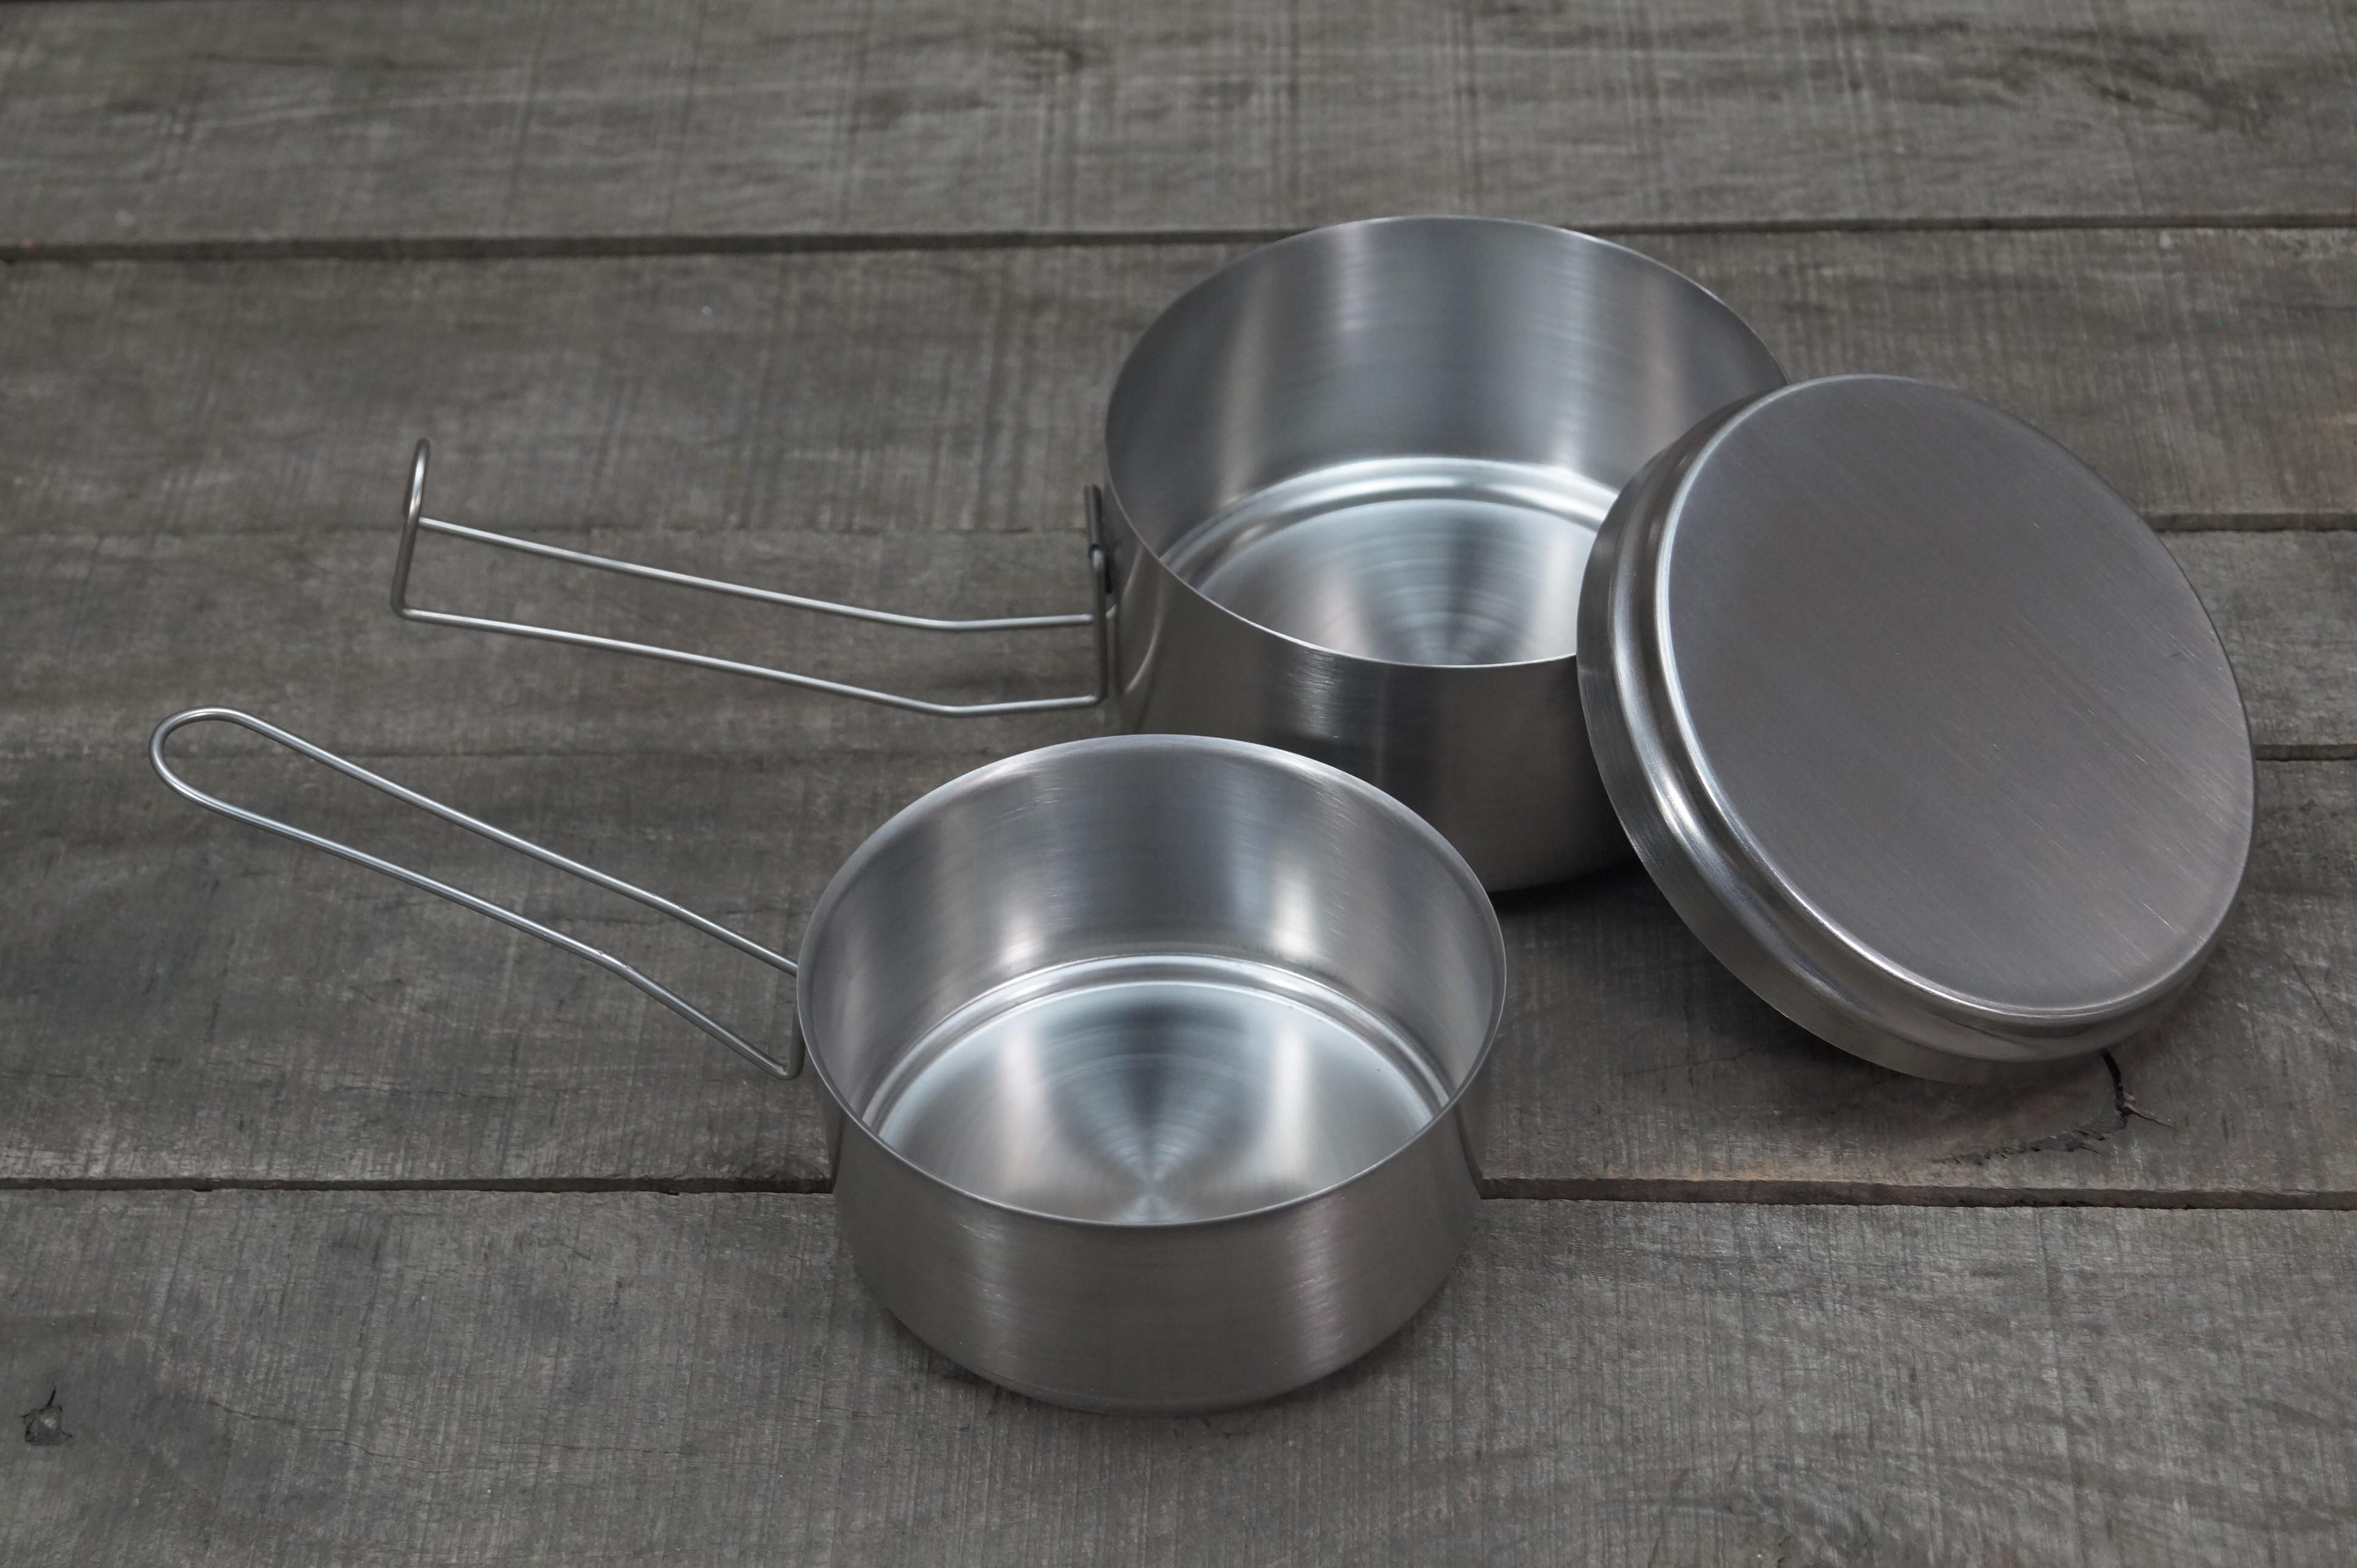 Helikon-Tex Dreiteiliges Kochgeschirr Stainless Steel